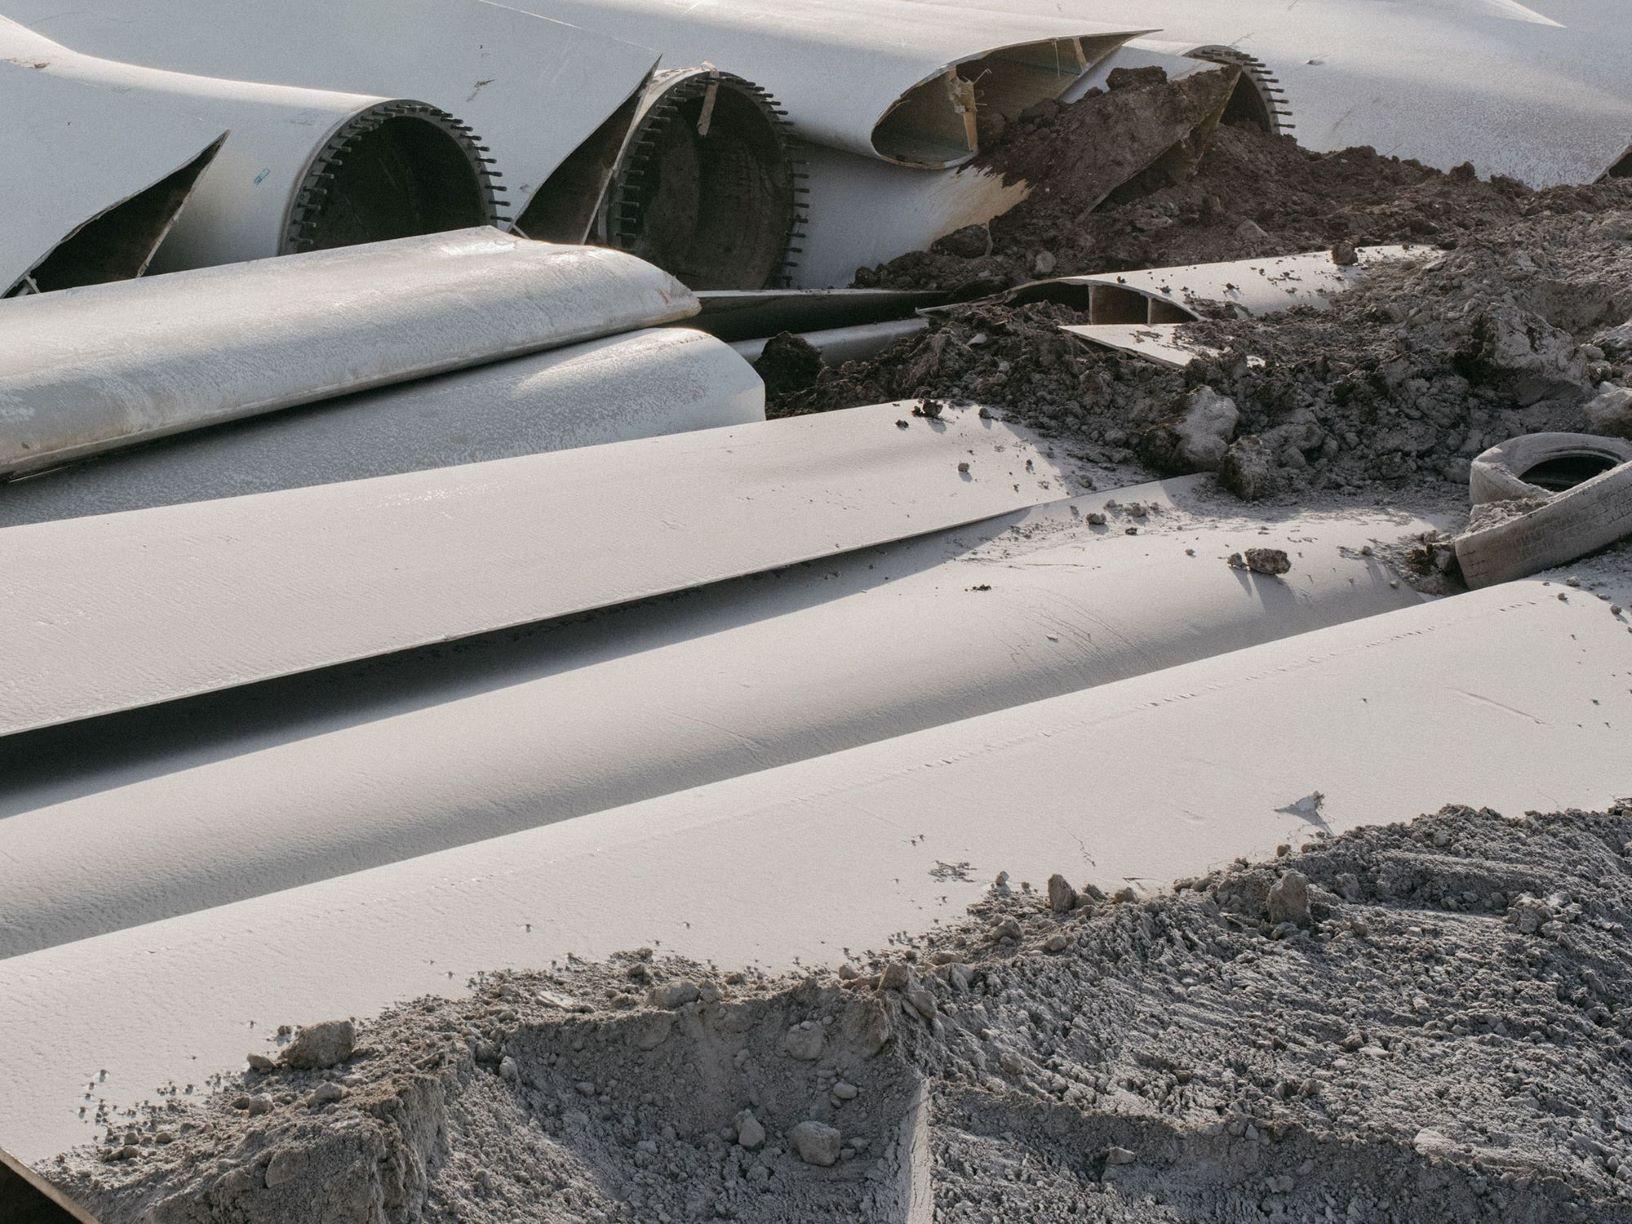 Использованные лопасти ветротурбин закапывают в землю. Почему так — объяснение Bloomberg